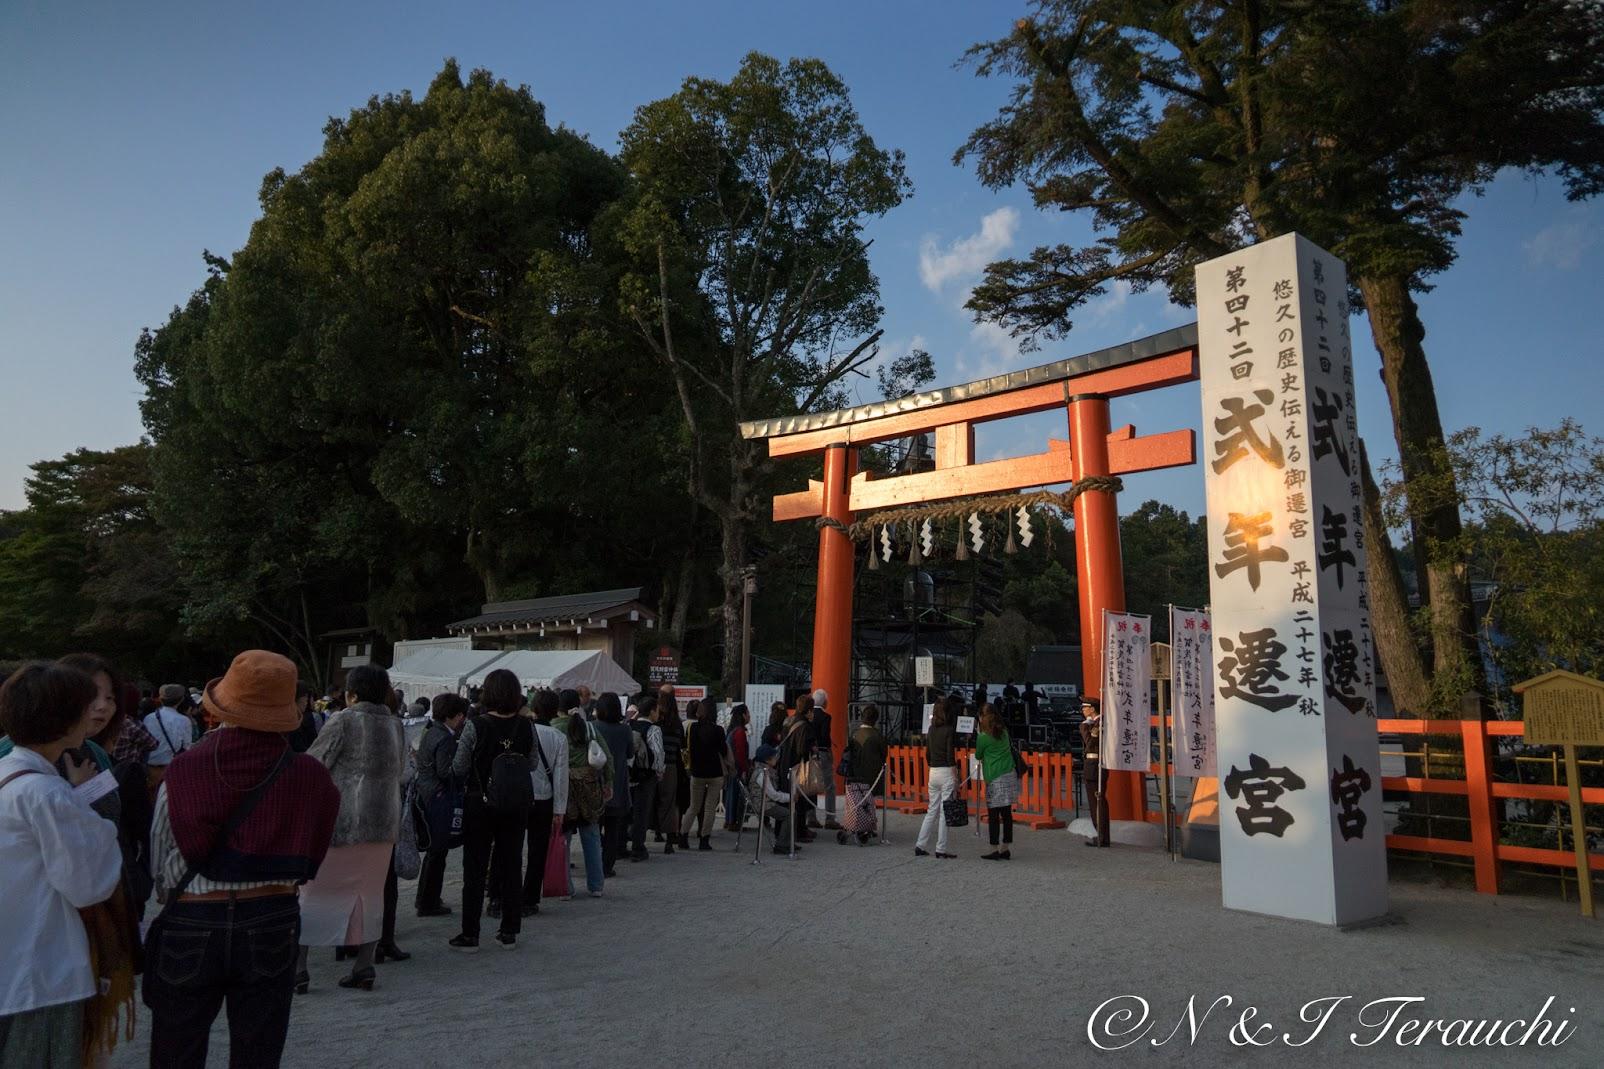 2015年10月、第42回式年遷宮を迎えた「上賀茂神社」